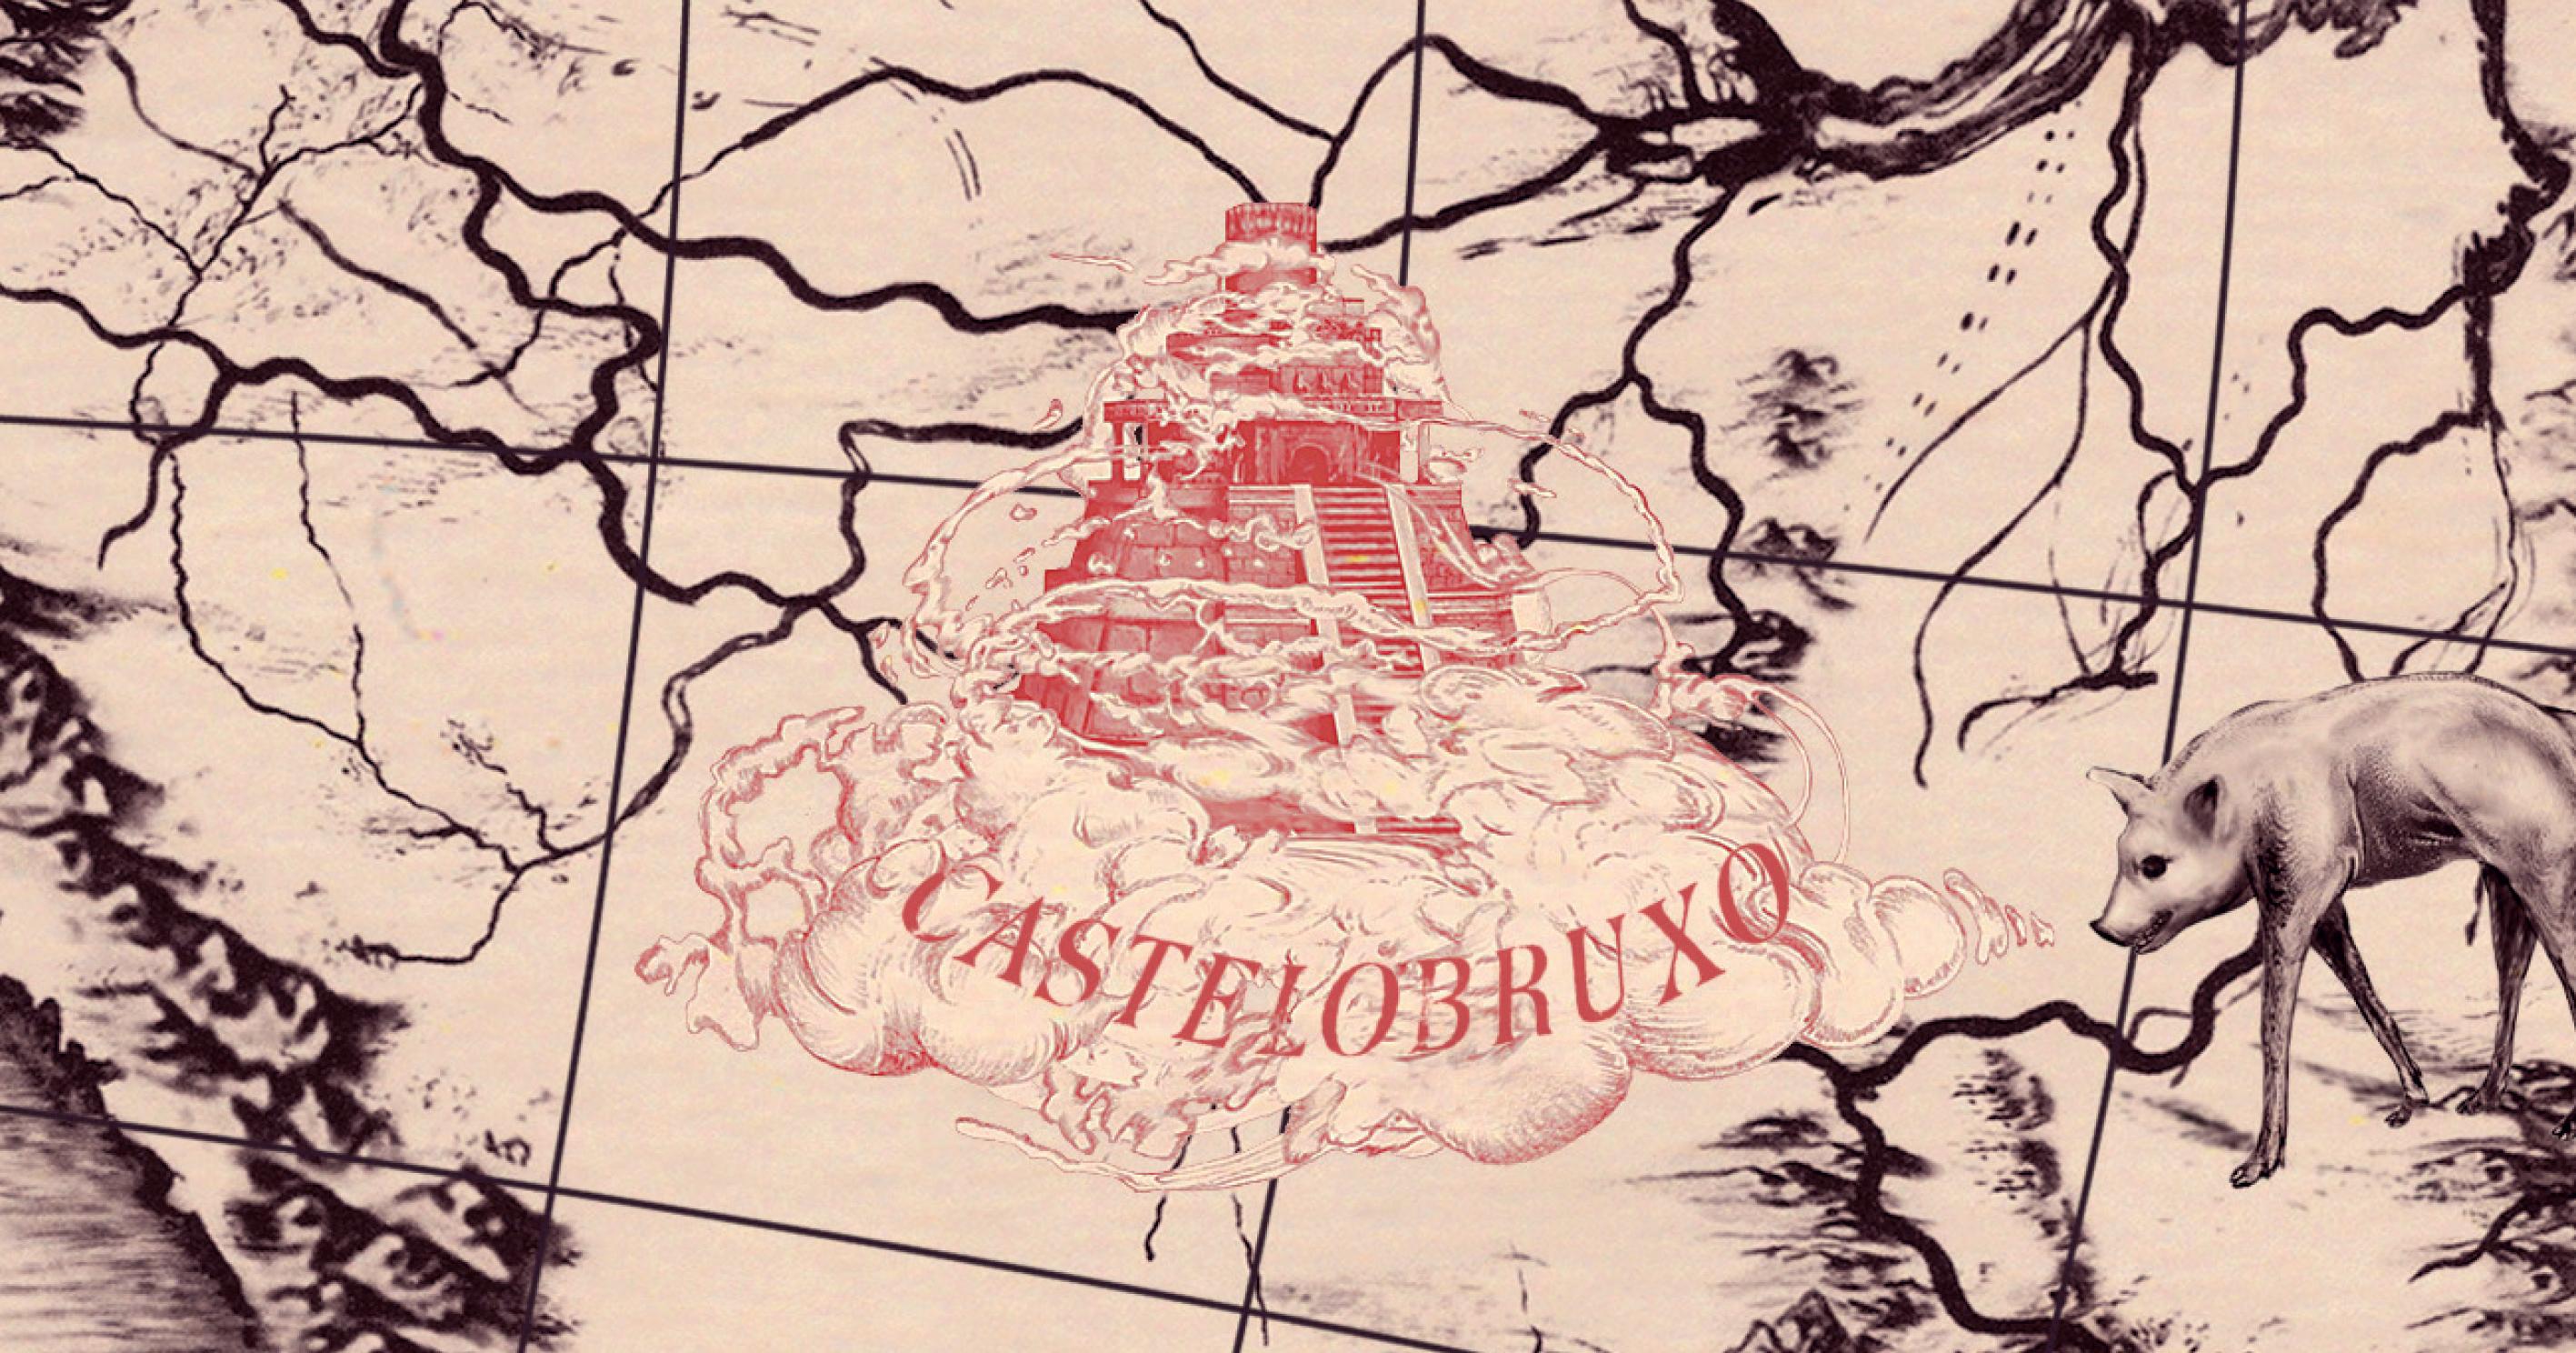 Castelobruxo | Wizarding World